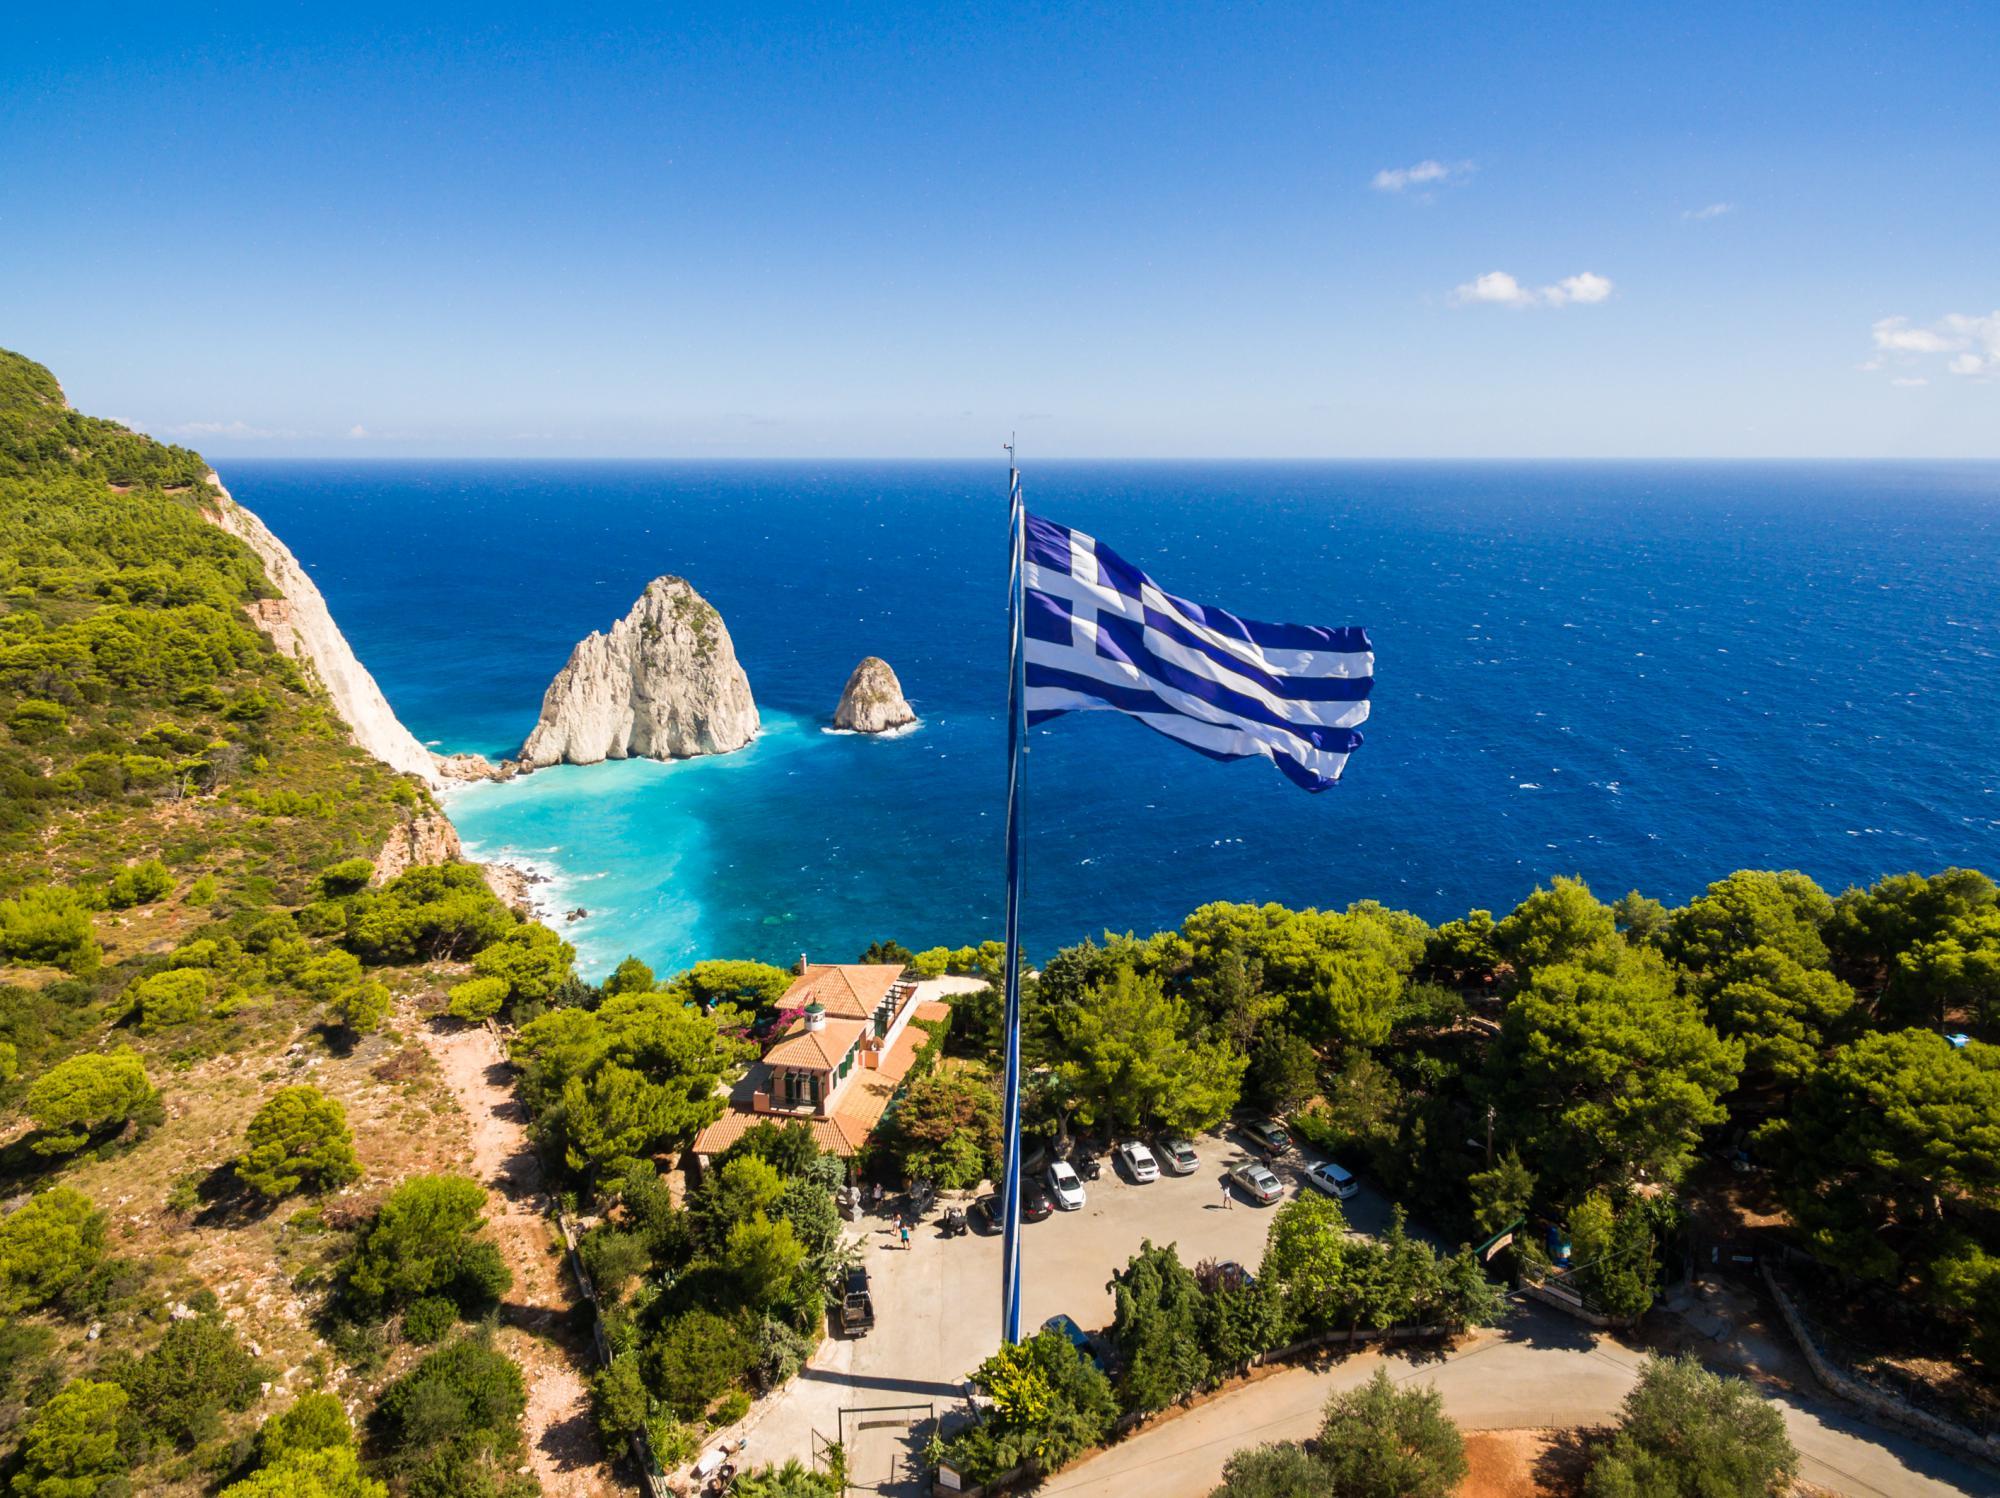 Греция издала руководство по налоговому резидентству в период пандемии